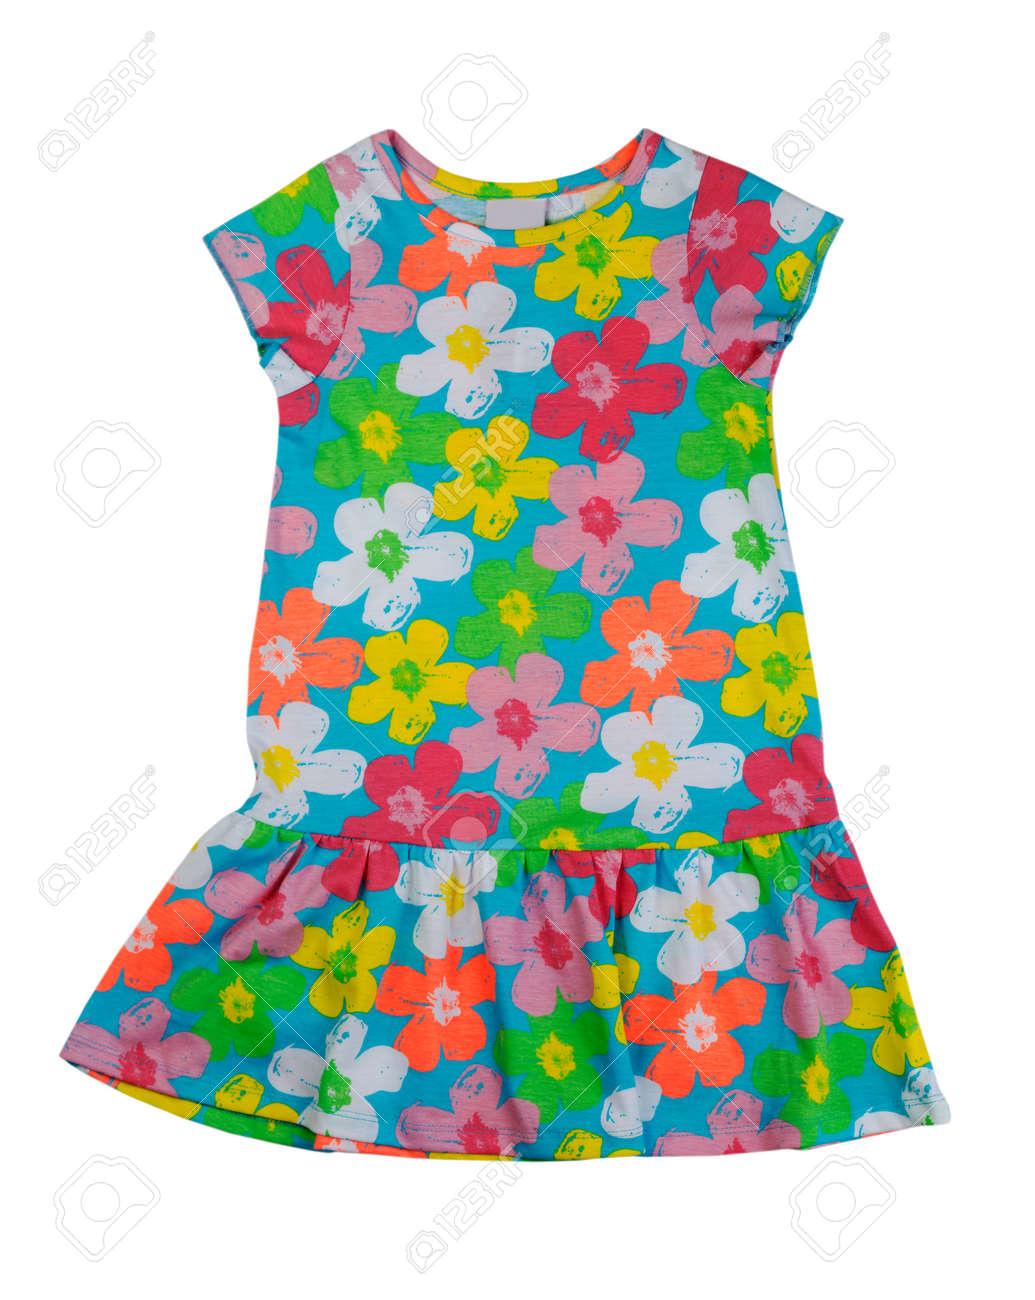 69e355efe6e6 Color Baby Dress